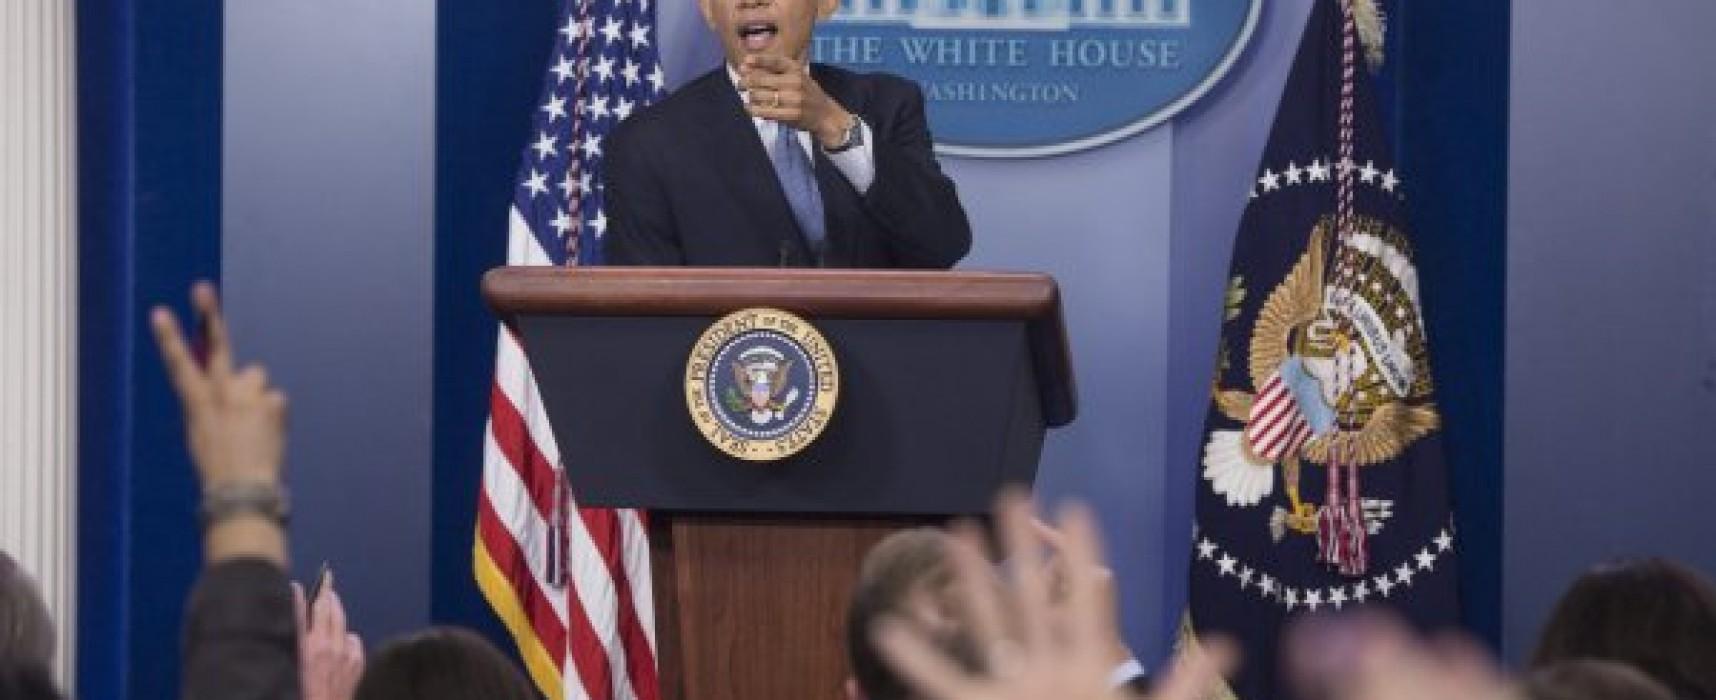 Фейк: Обама подписал закон о приватизации энергетического комплекса Украины